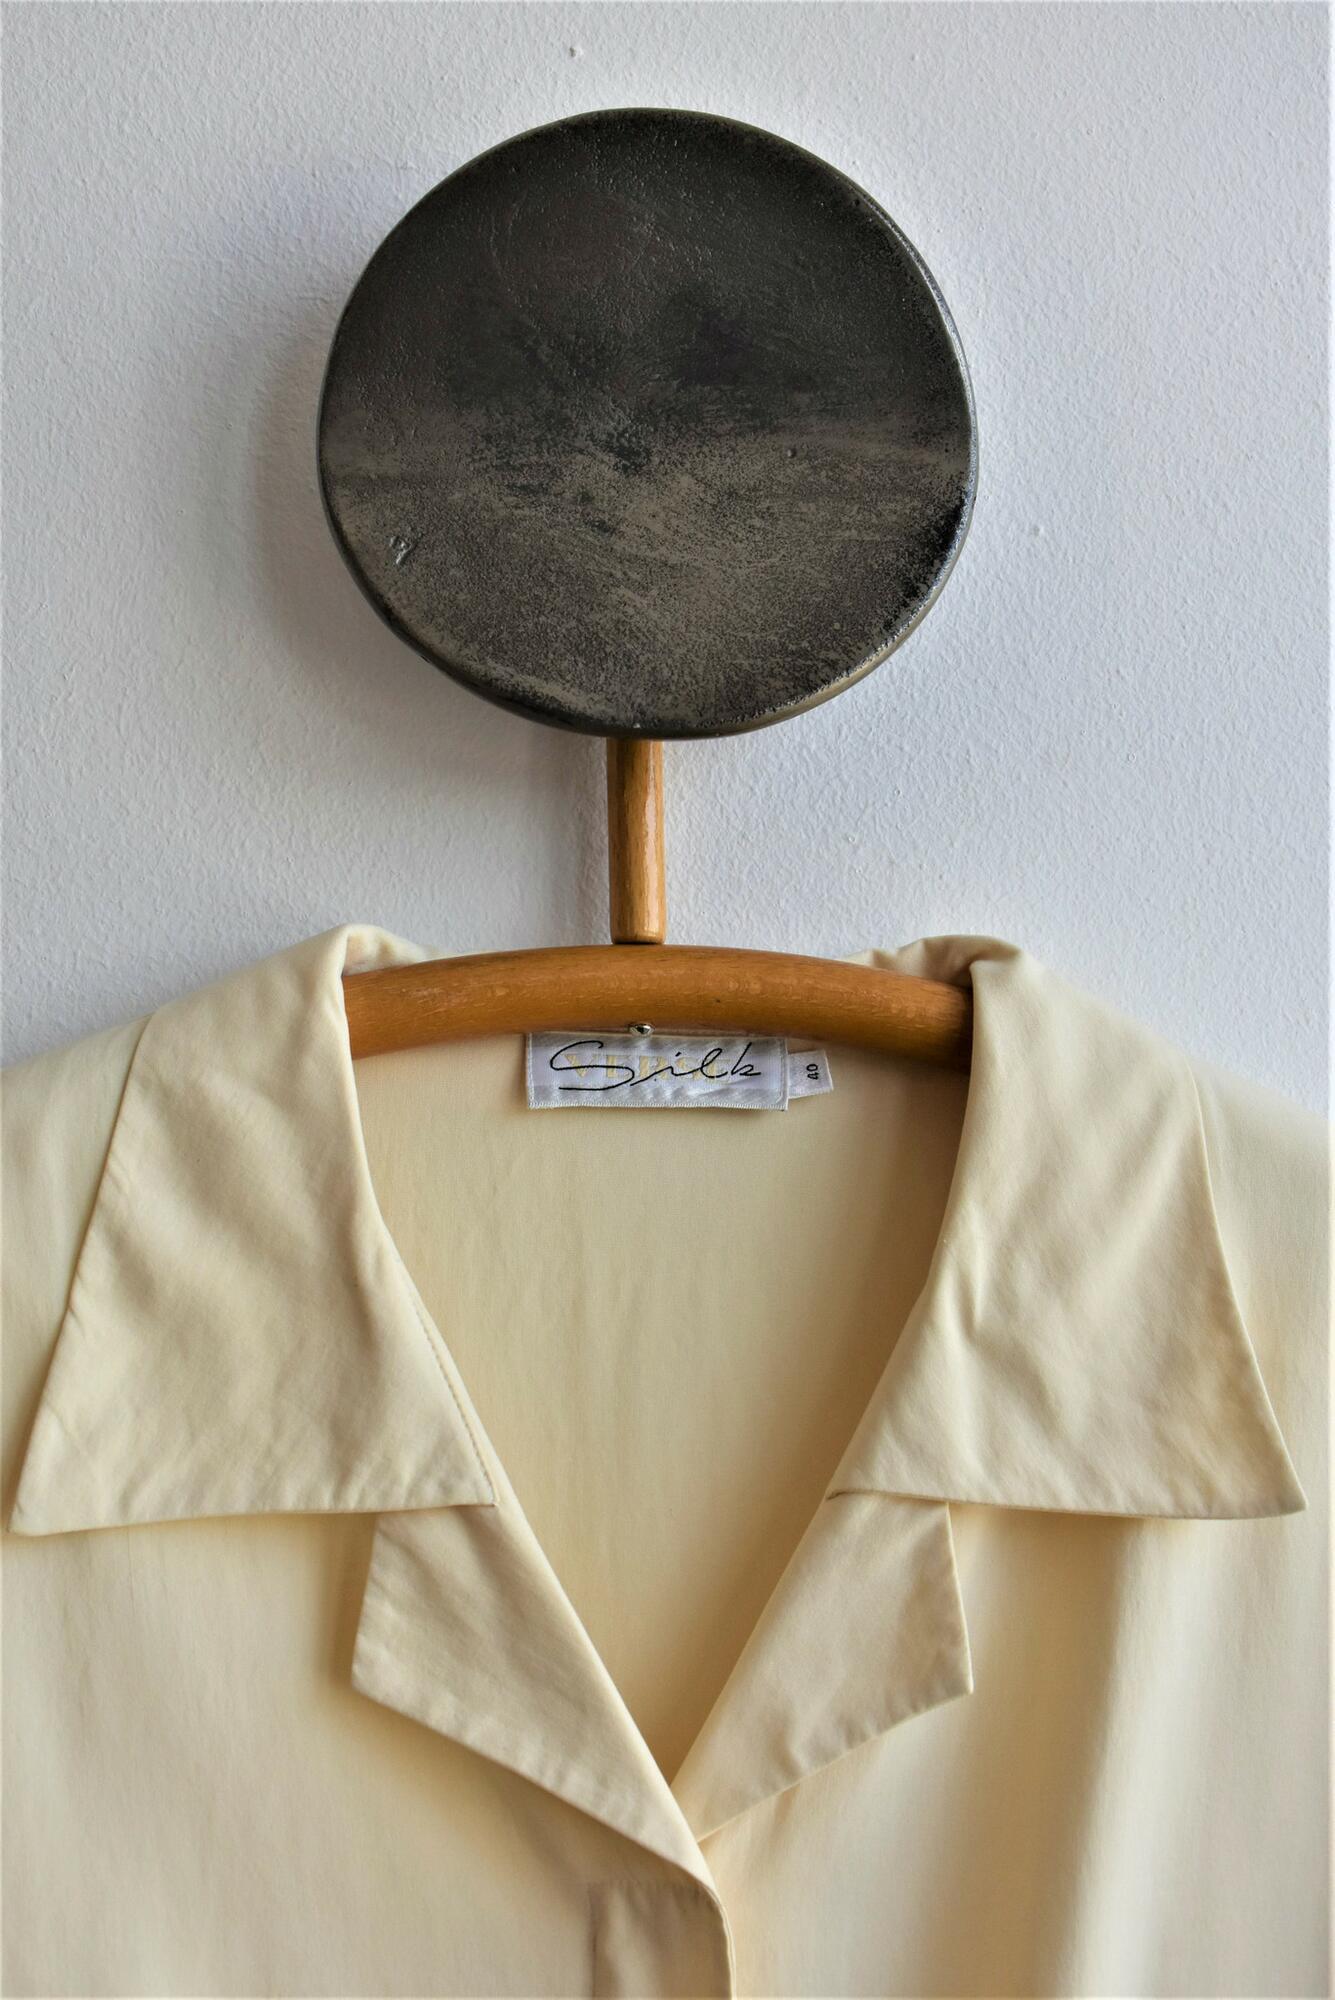 Kremowa koszula ze szlachetnego jedwabiu - PONOŚ SE vintage shop | JestemSlow.pl